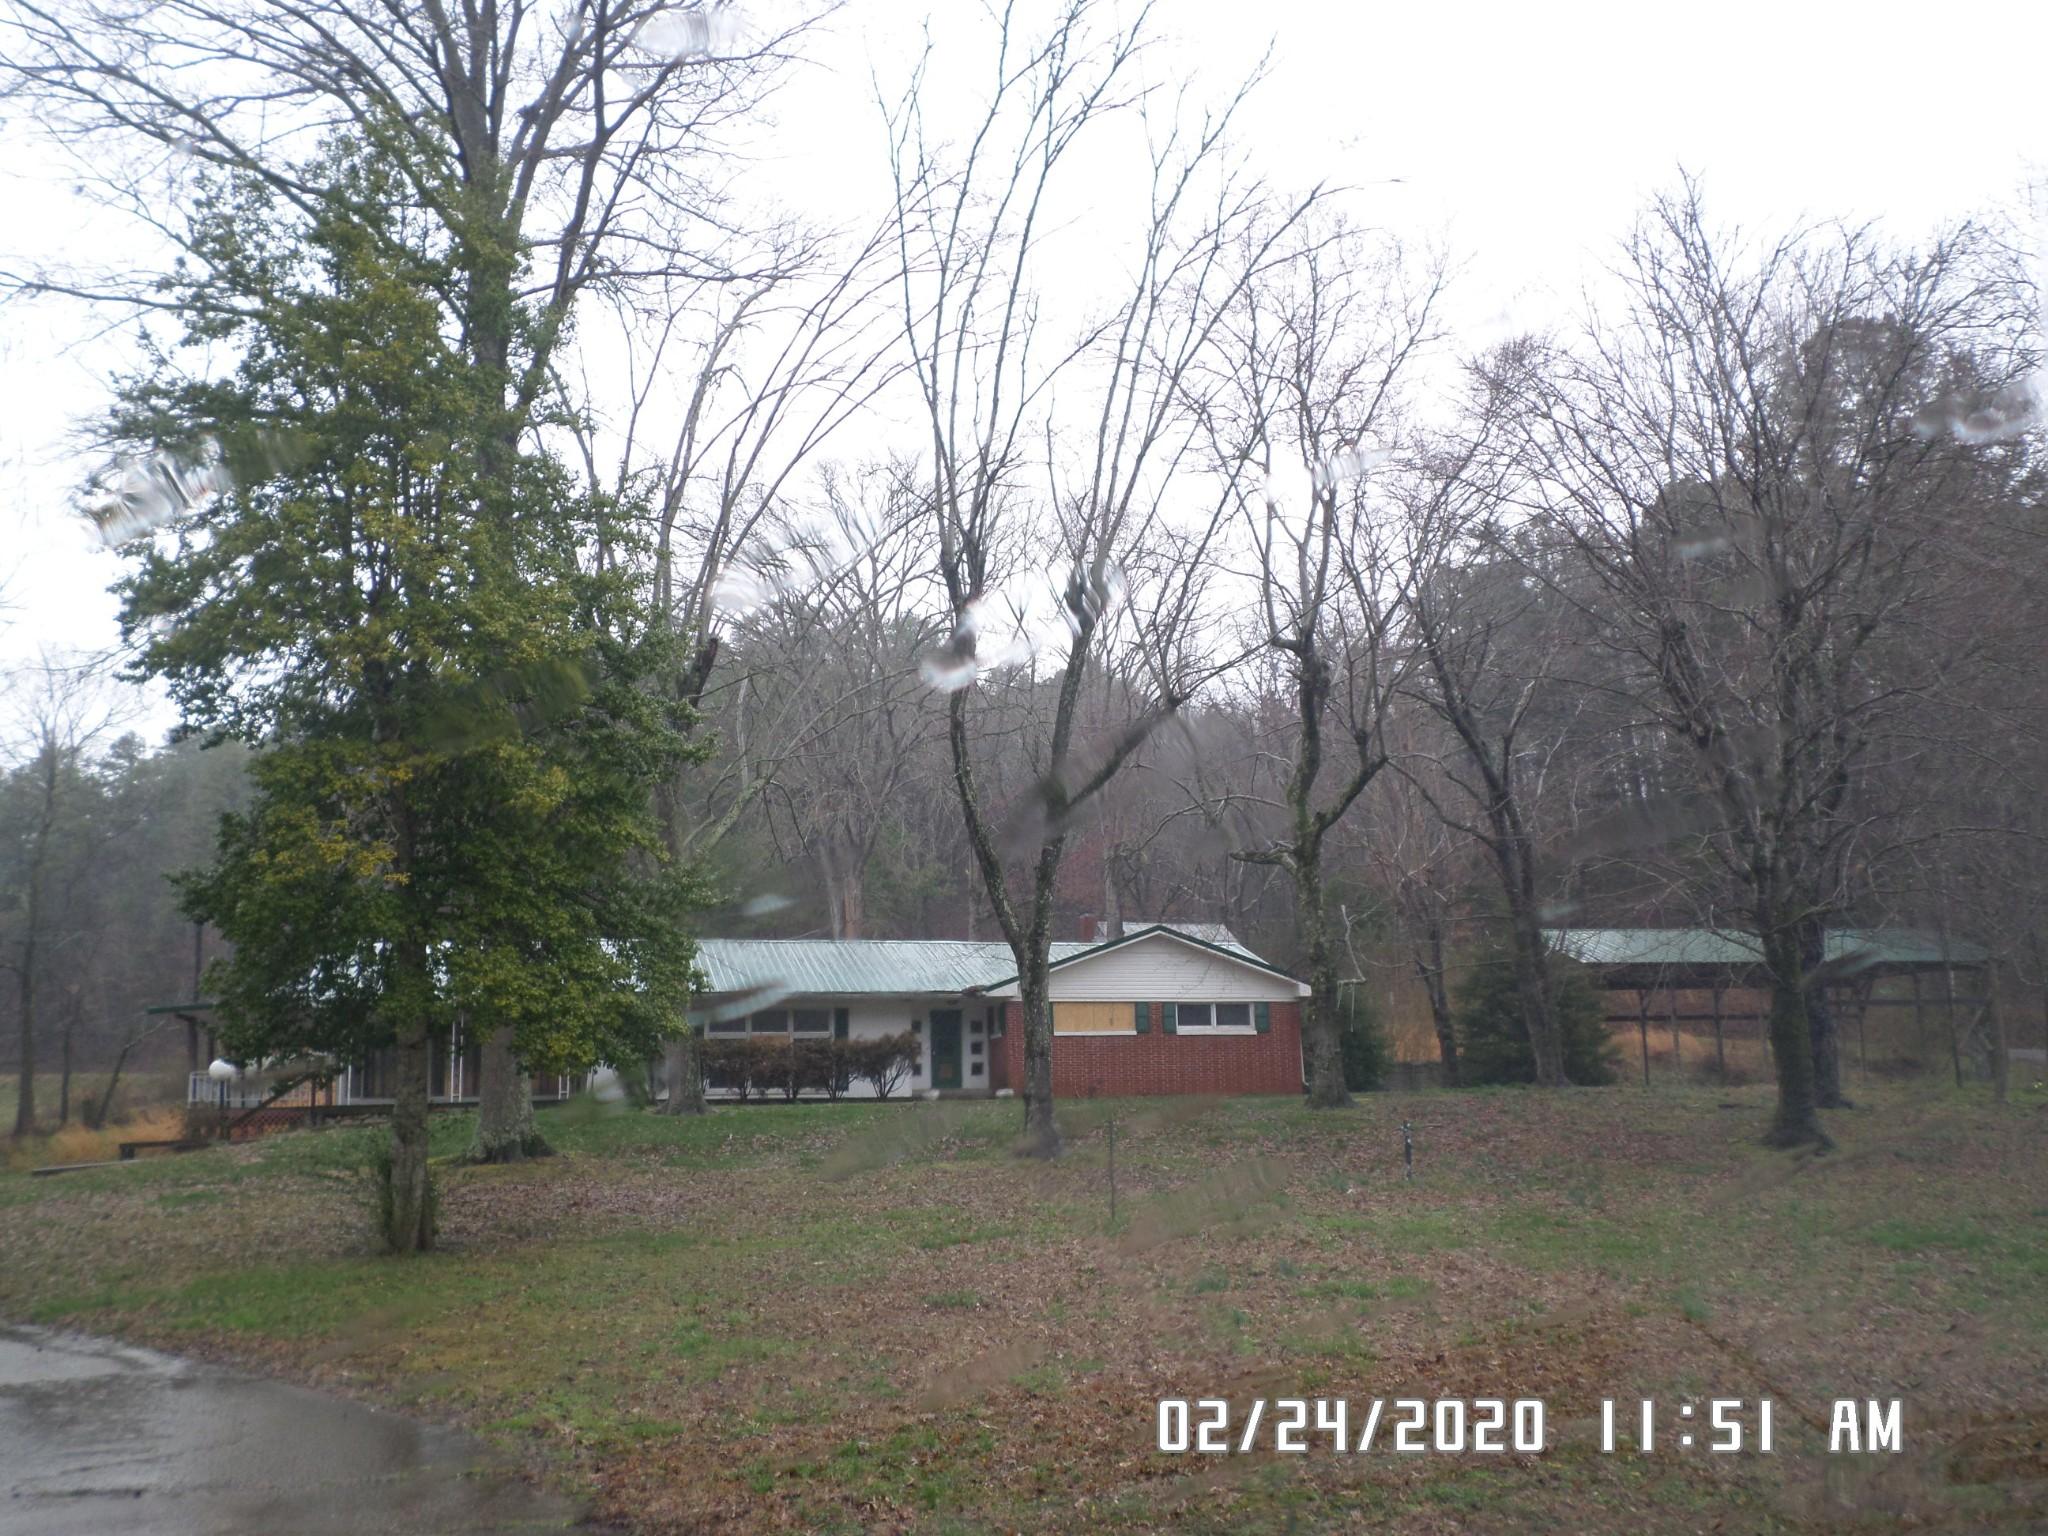 502 Highway 64, W, Waynesboro, TN 38485 - Waynesboro, TN real estate listing